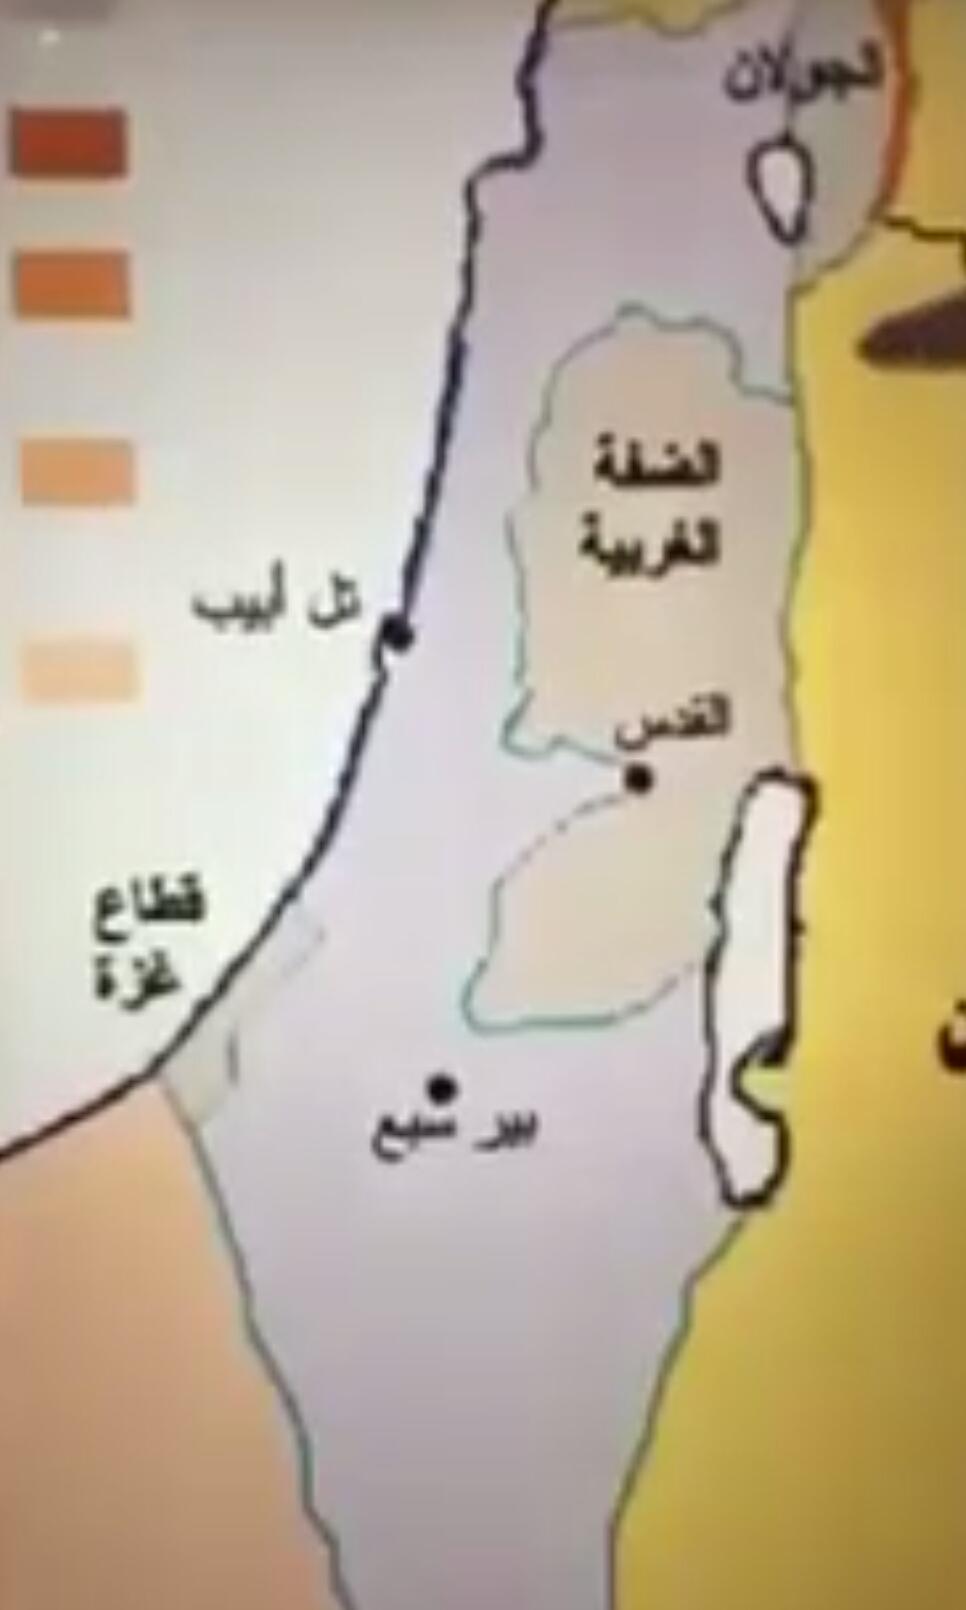 فيديو لكل من يقول أن الفلسطينيين باعوا أراضيهم..  هذه الحقيقة